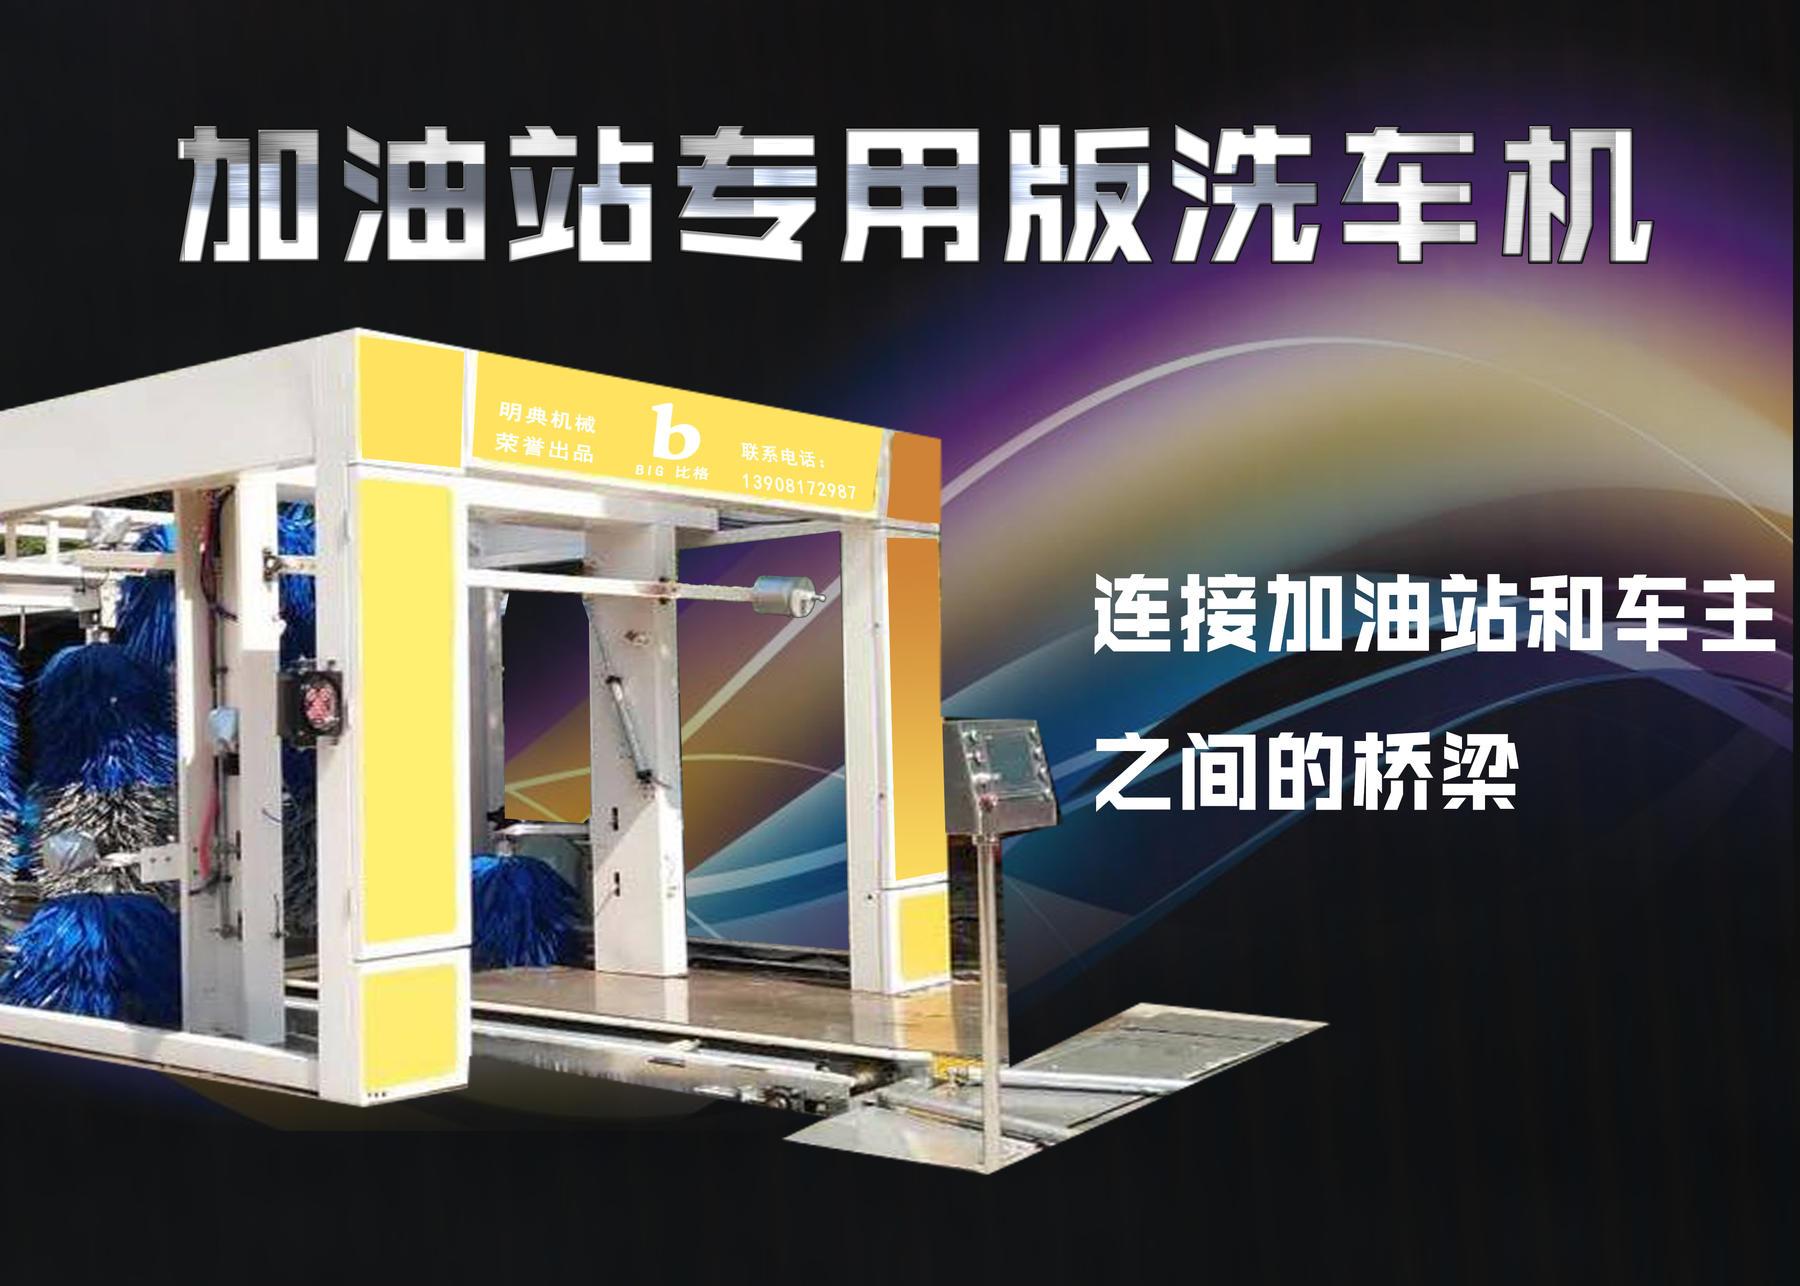 加油站专用版洗车机,连接加油站与车主之间的桥梁